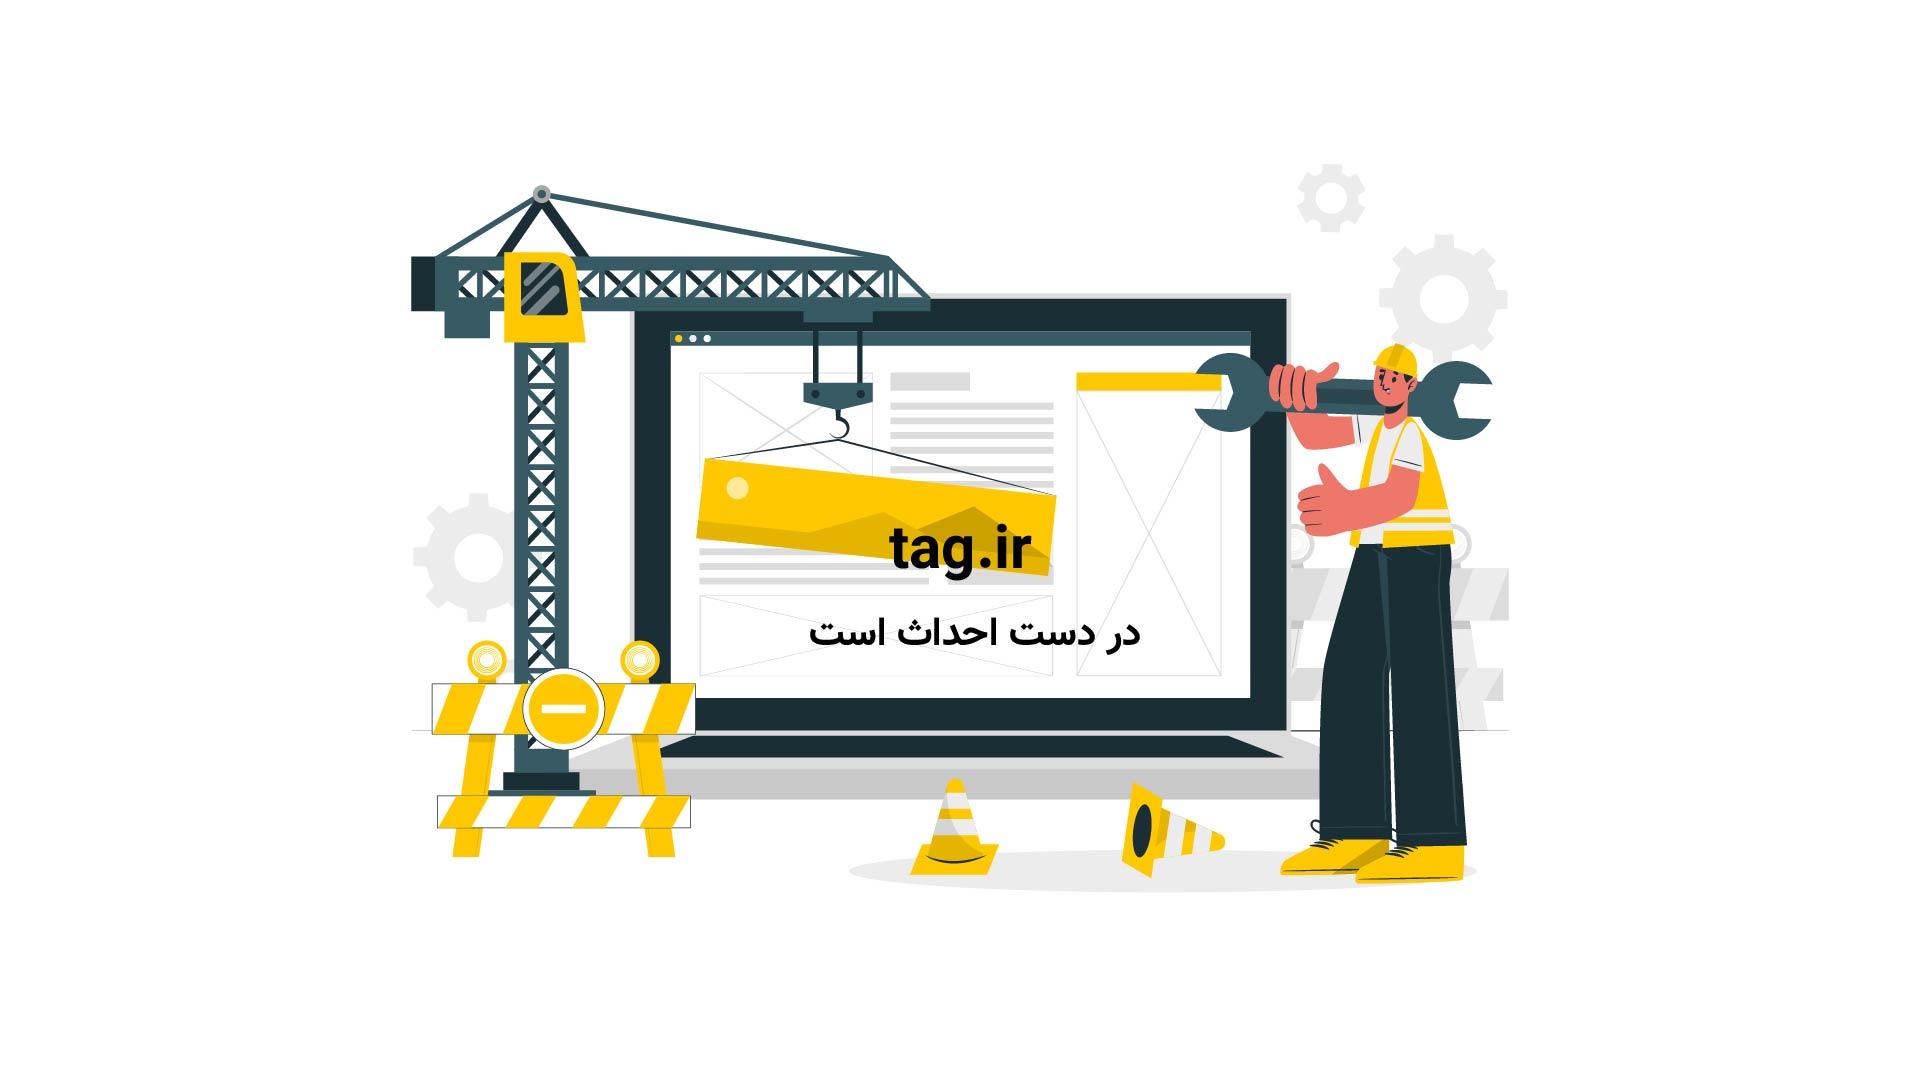 یادگار امام(ره) با رئیس العلماء بوسنی | تگ